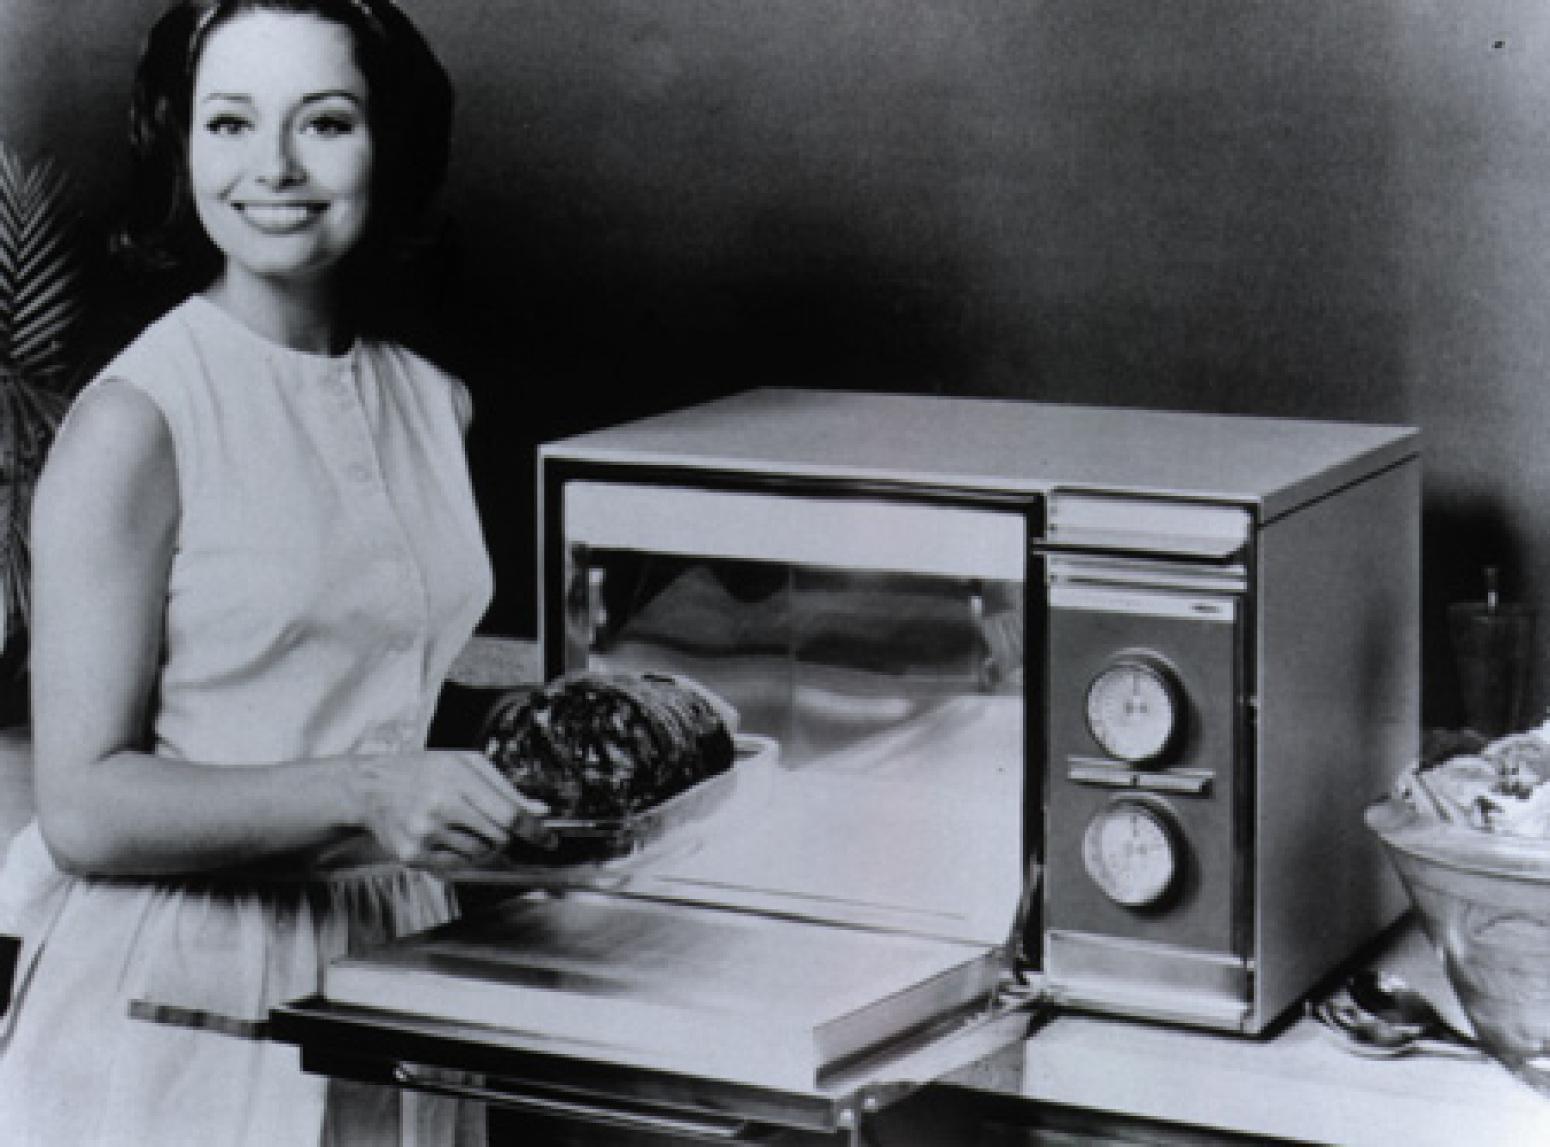 Микроволновая печь 40 лет назад